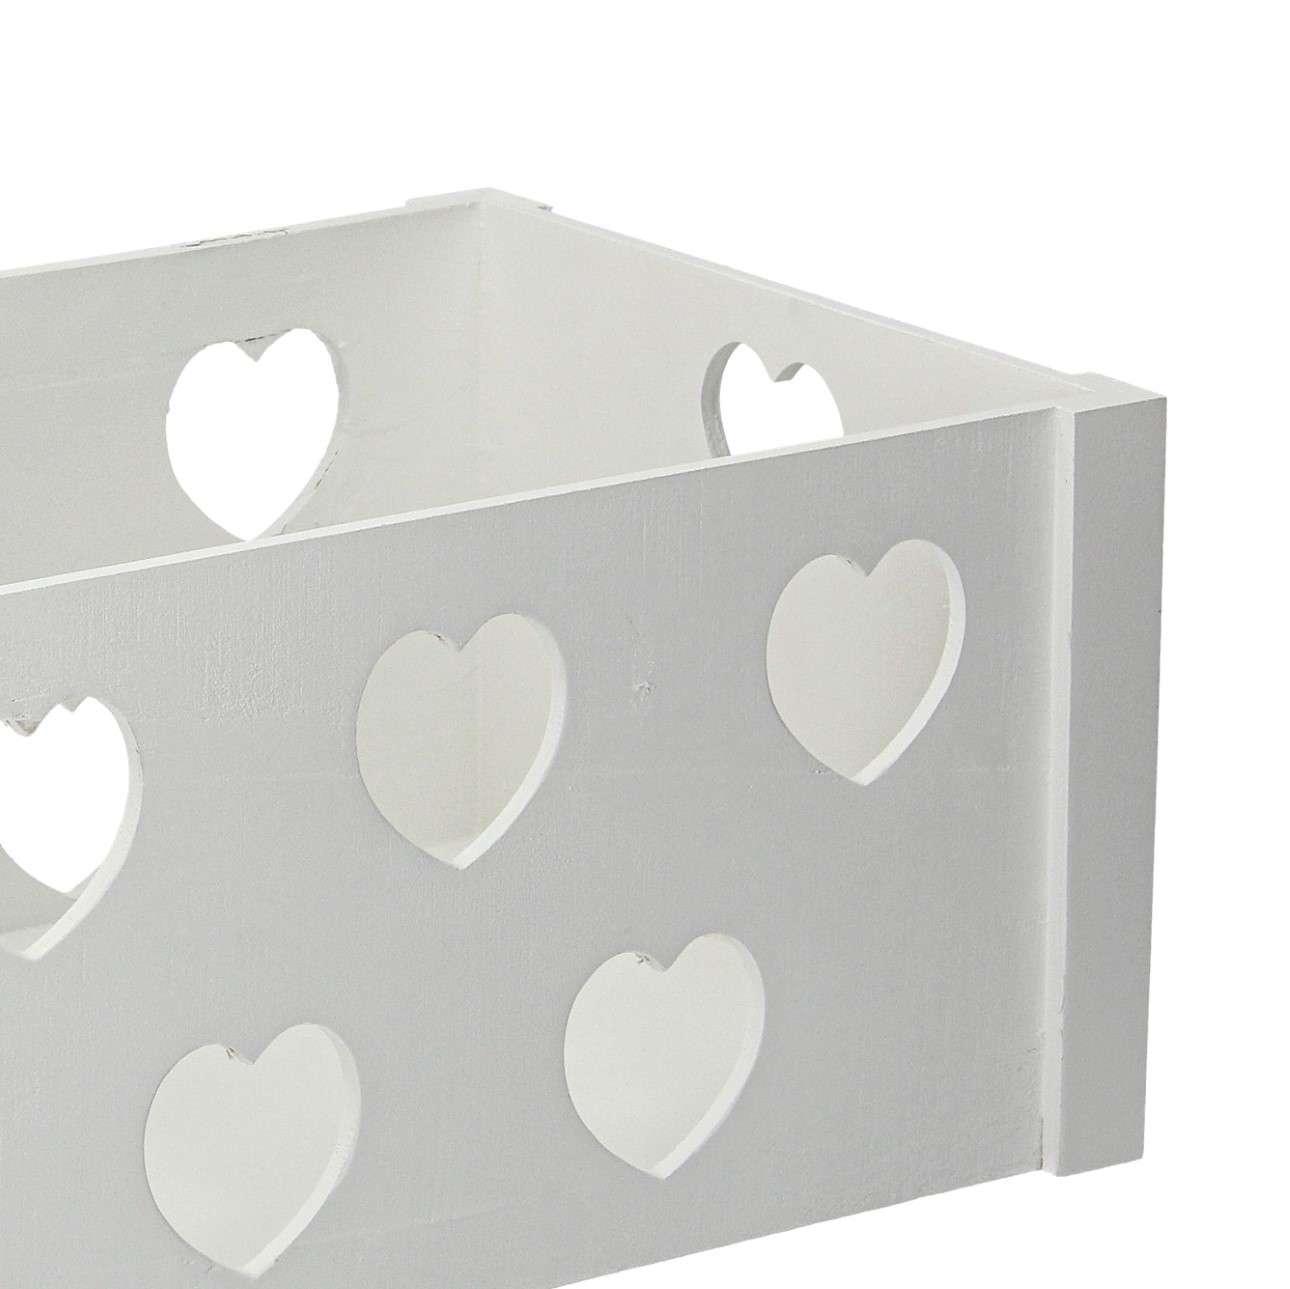 Skrzynka Hearts 30x40x22cm